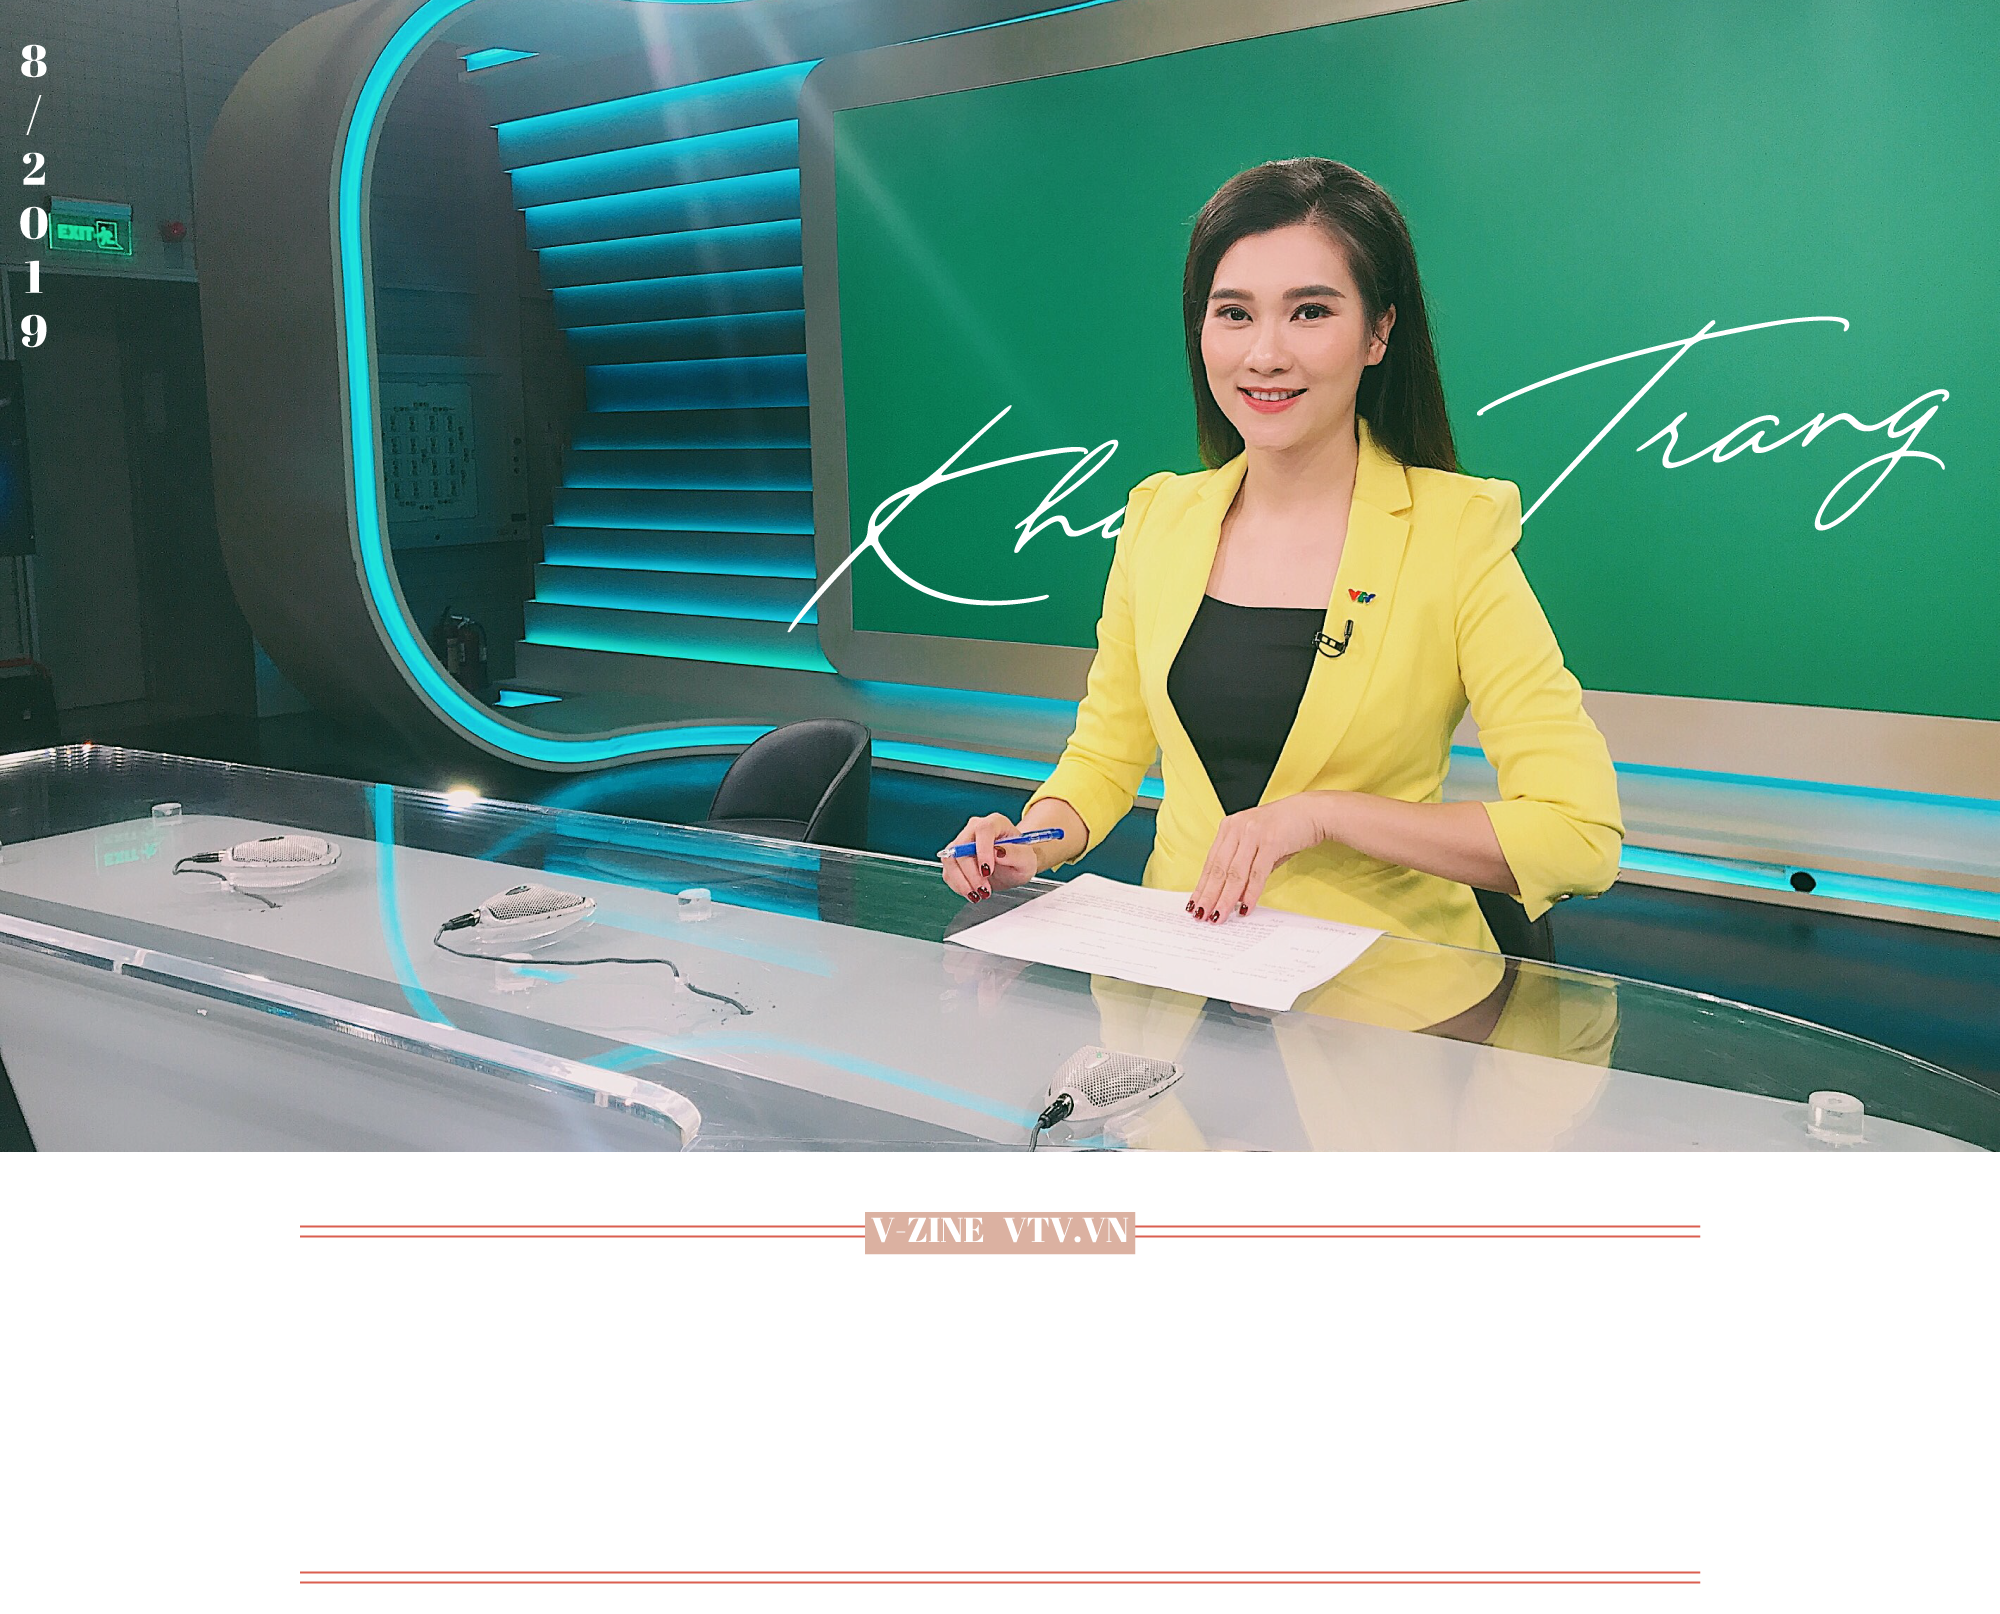 BTV Khánh Trang: Trở về Bản tin Thời sự 19h là sự trở về tràn đầy tự tin và năng lượng - Ảnh 19.